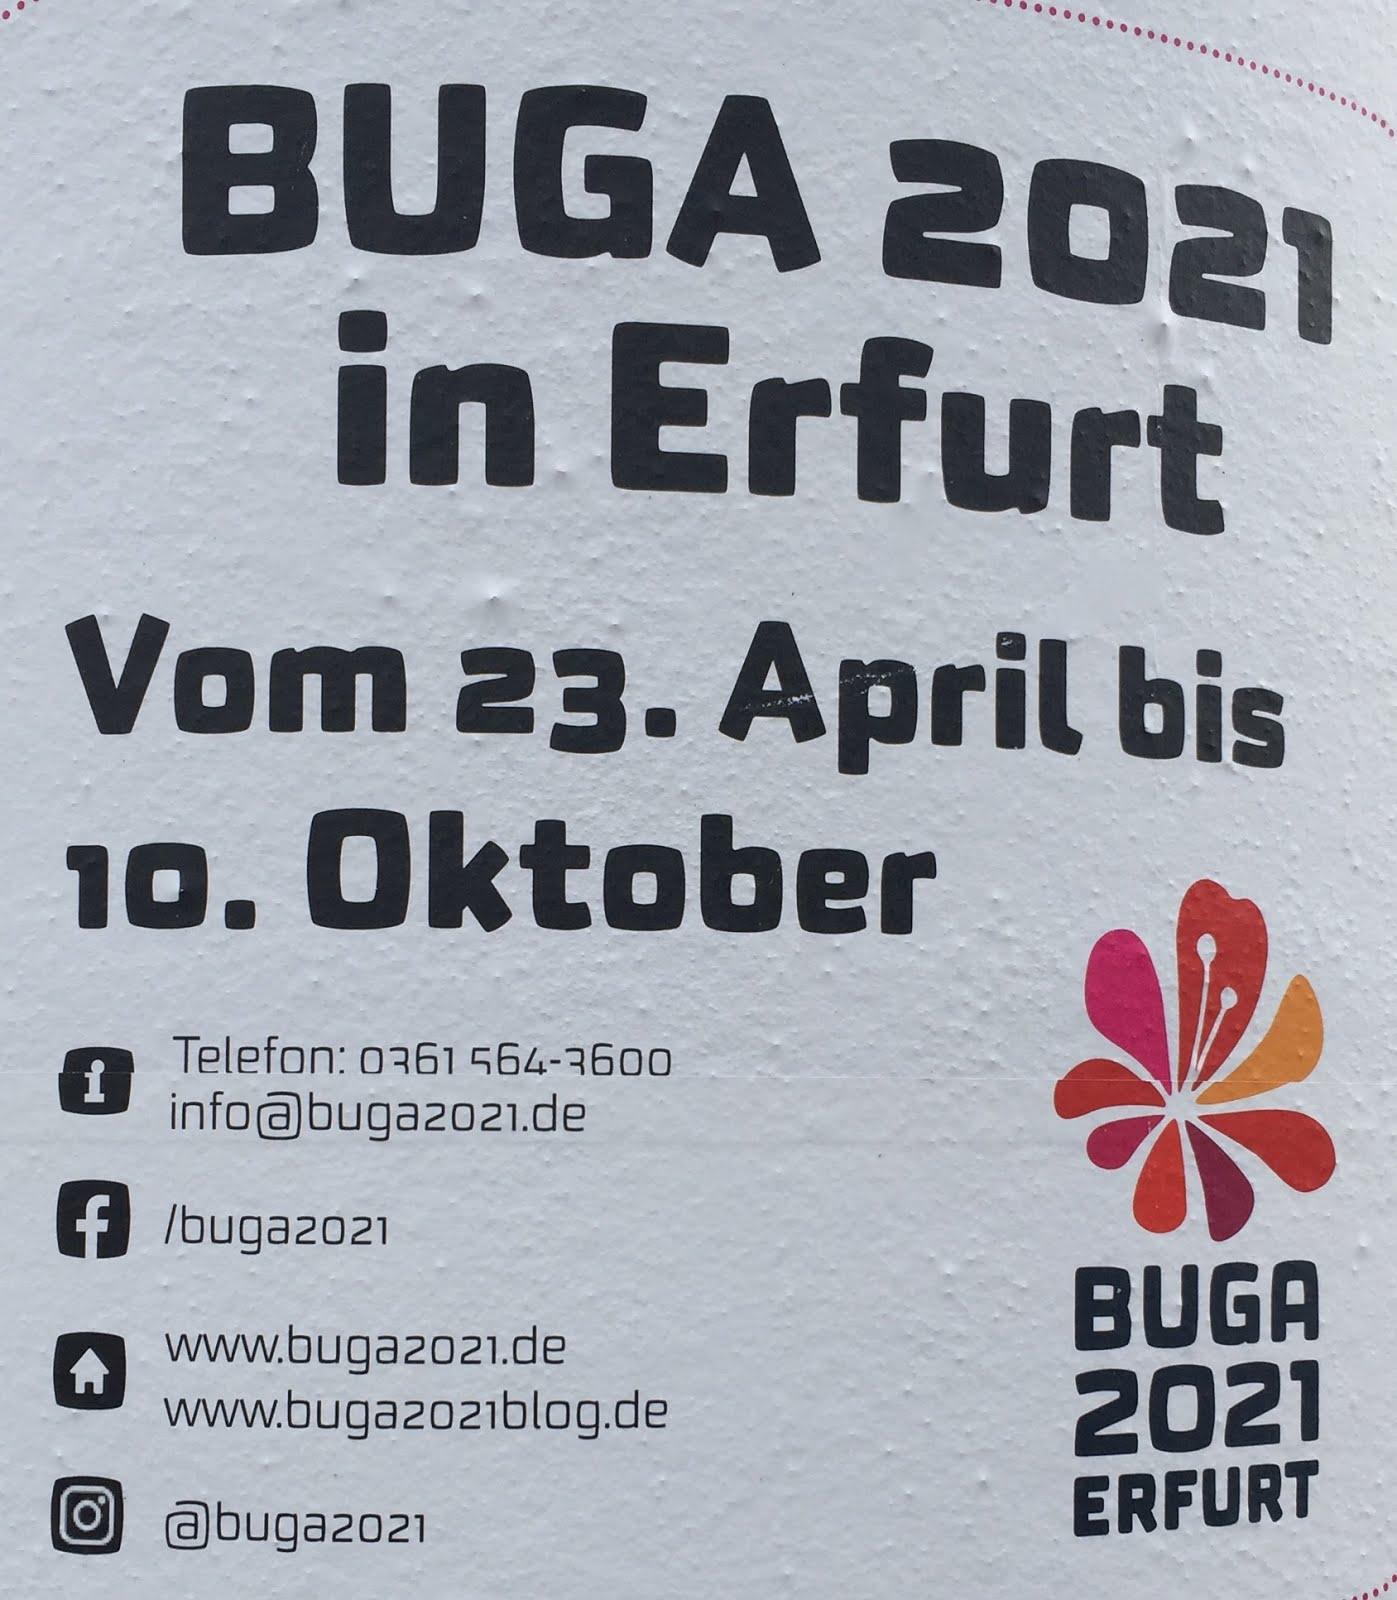 BUGA2021